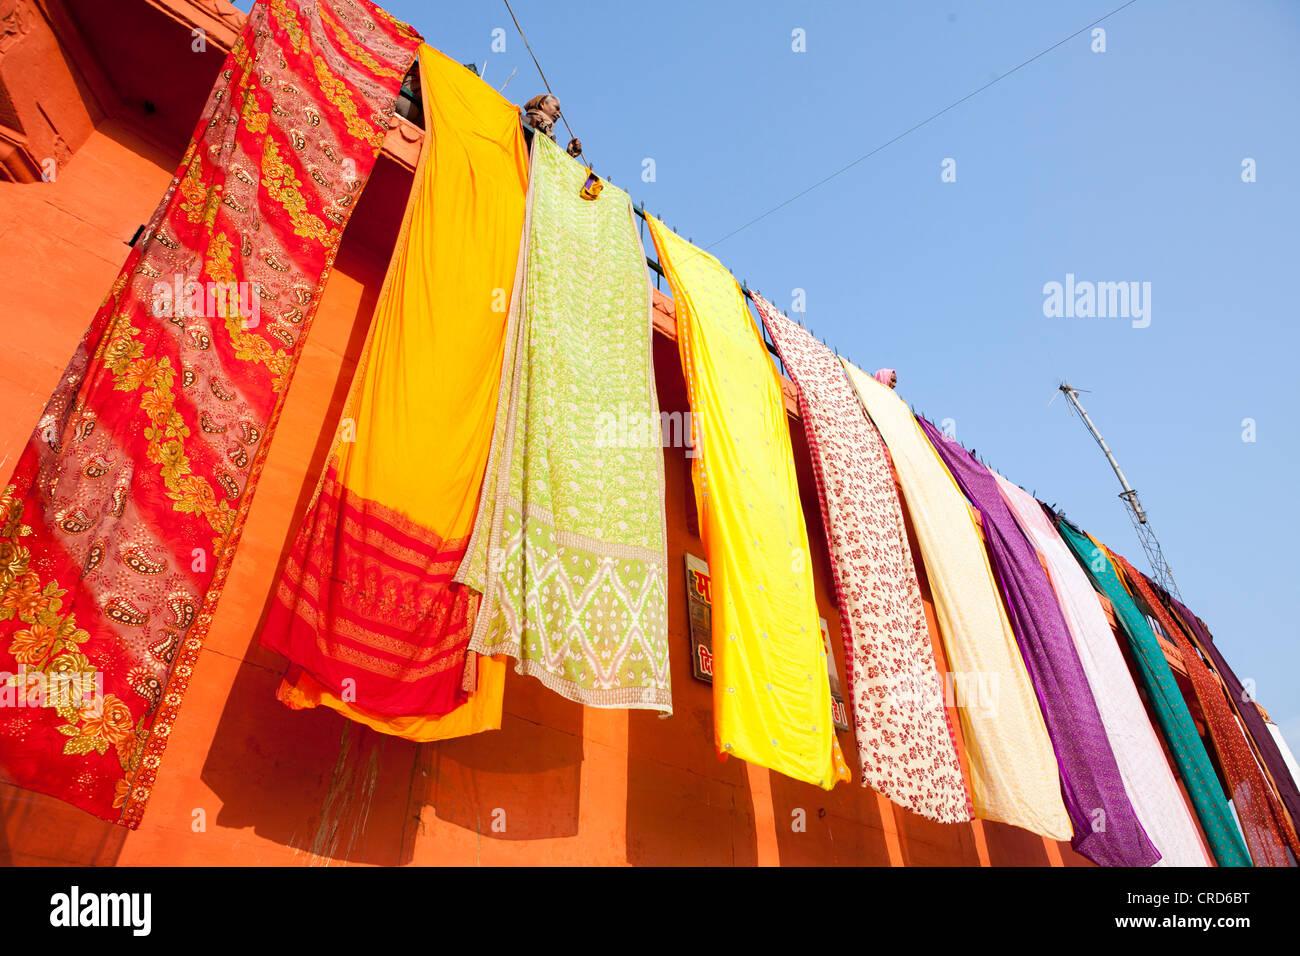 Drying Sari on the wall in Varanasi, Uttar Pradesh, India - Stock Image